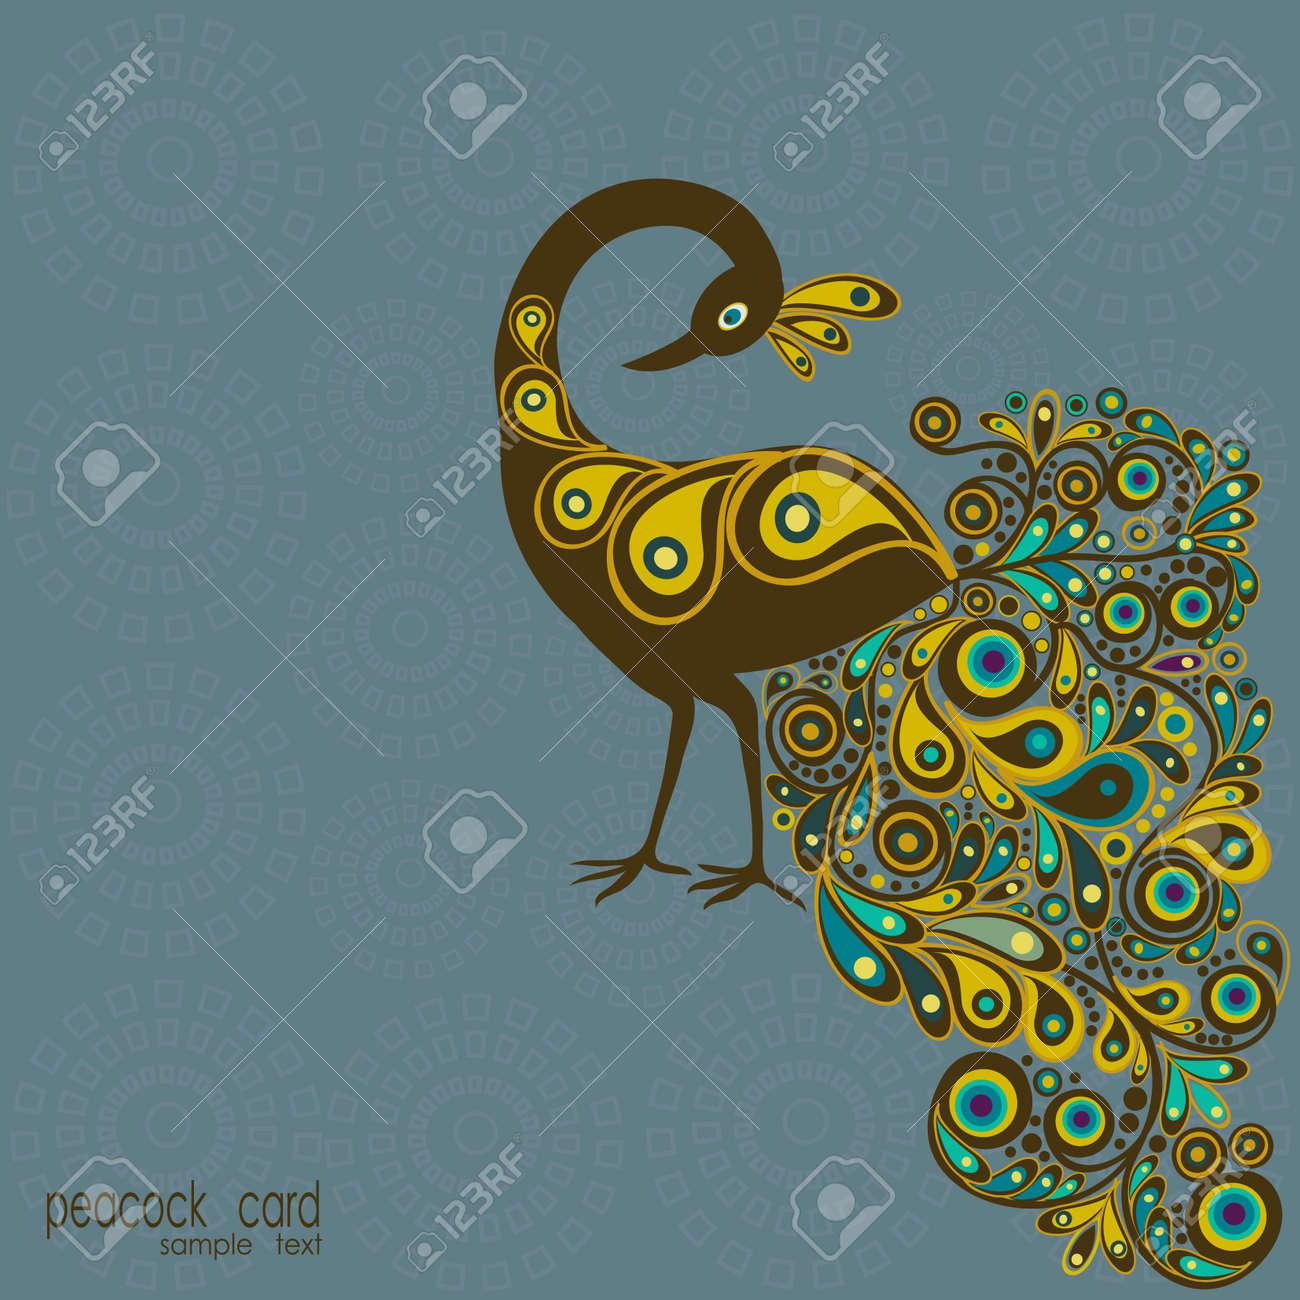 صور الطاوس فلاشية  15995721-Peacock-Stock-Vector-peacock-illustration-pattern